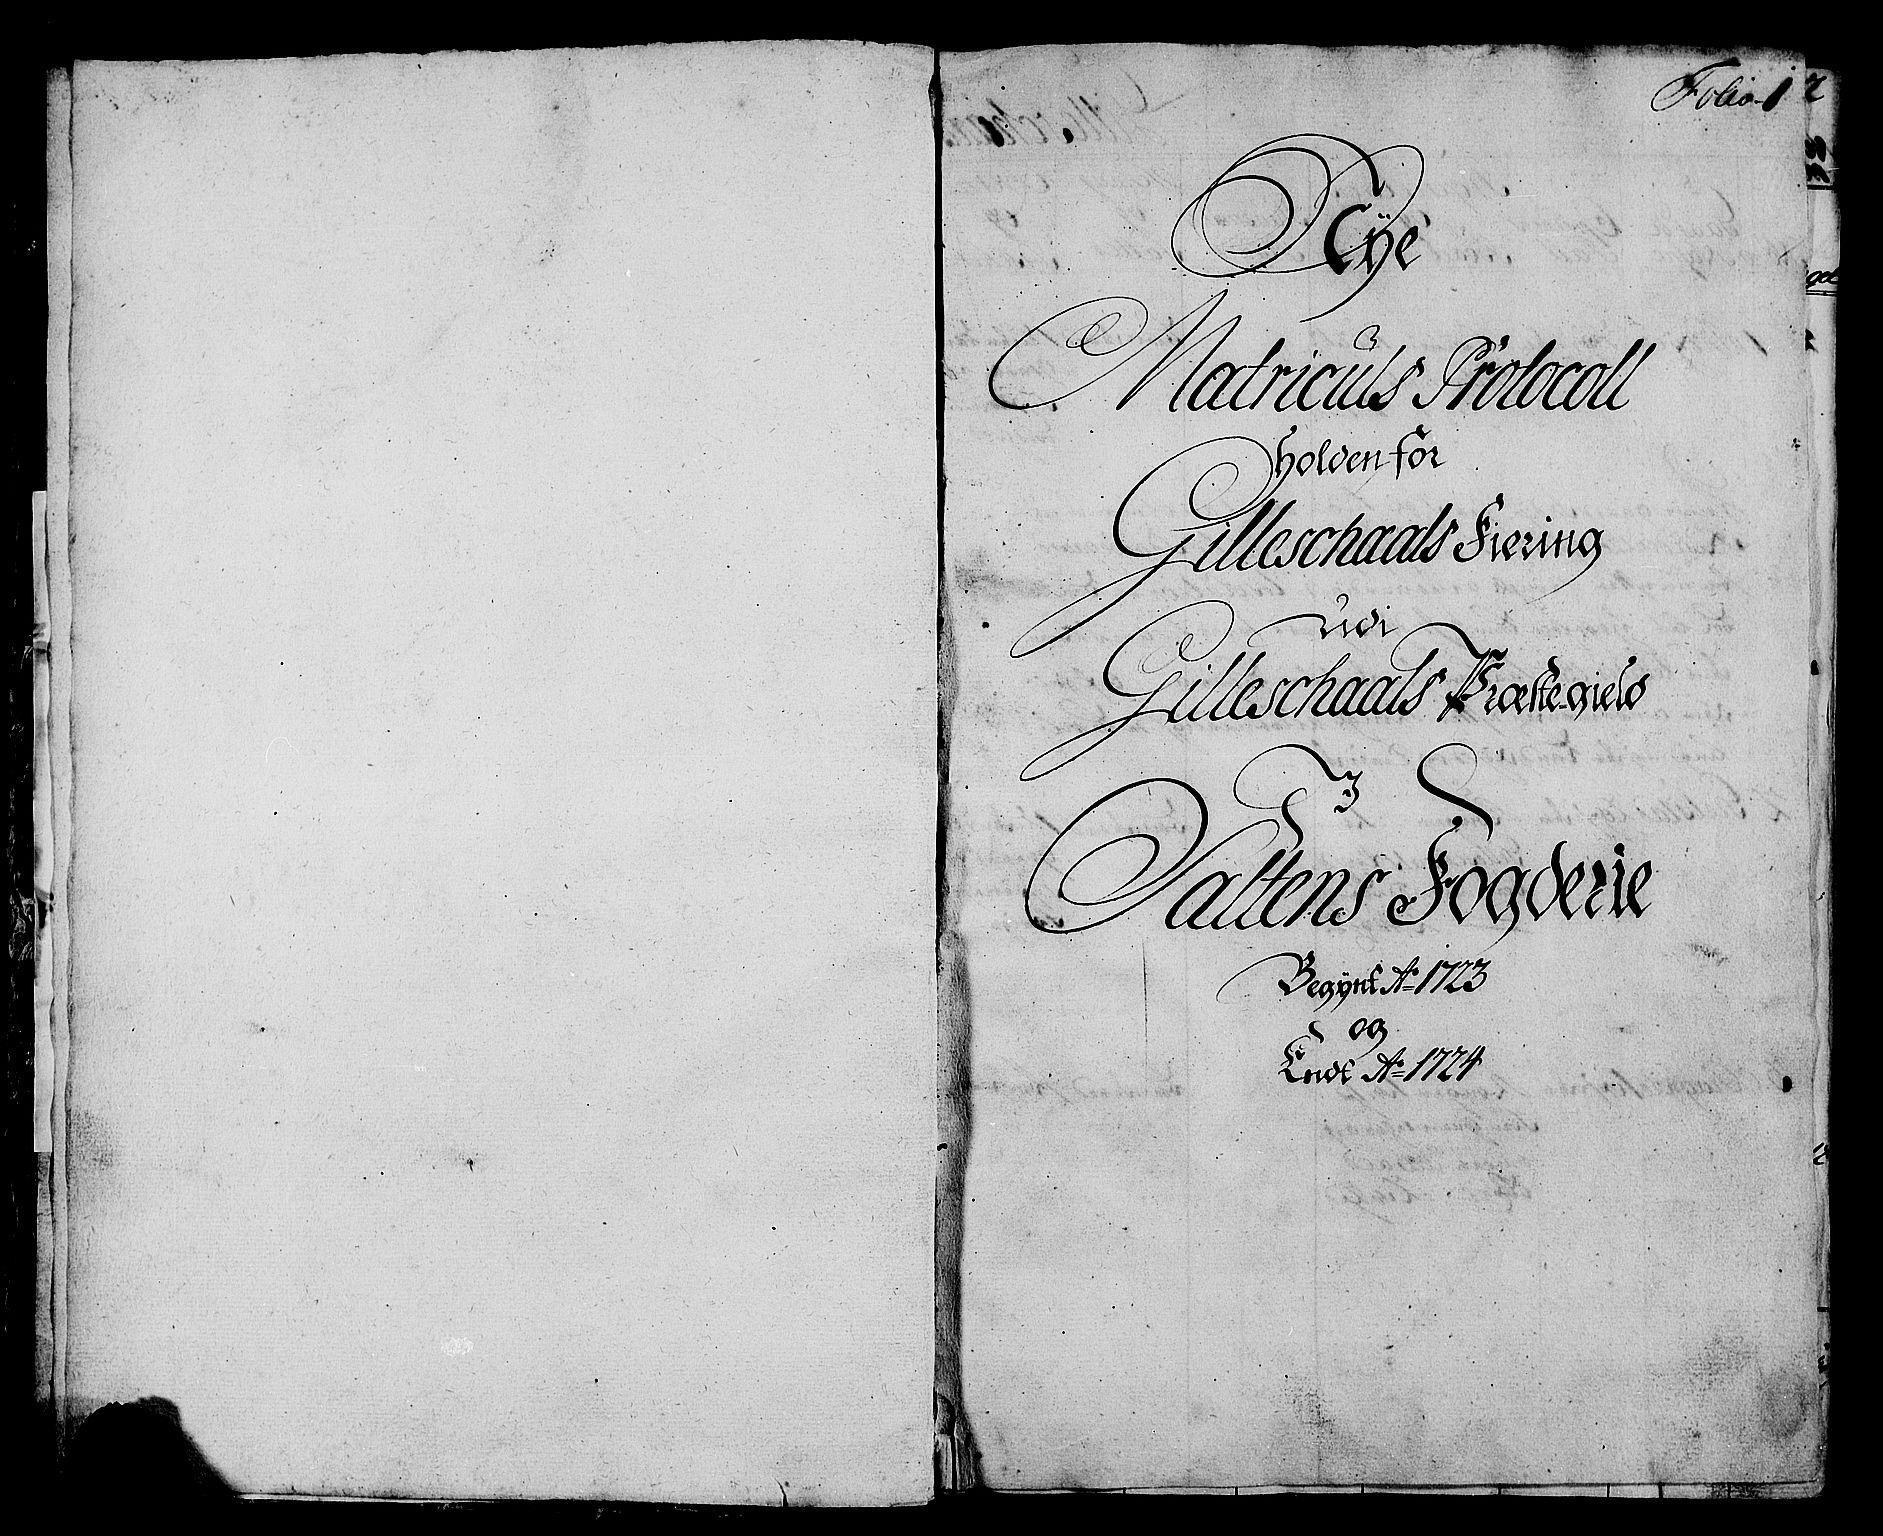 RA, Rentekammeret inntil 1814, Realistisk ordnet avdeling, N/Nb/Nbf/L0172: Salten eksaminasjonsprotokoll, 1723, s. 1a